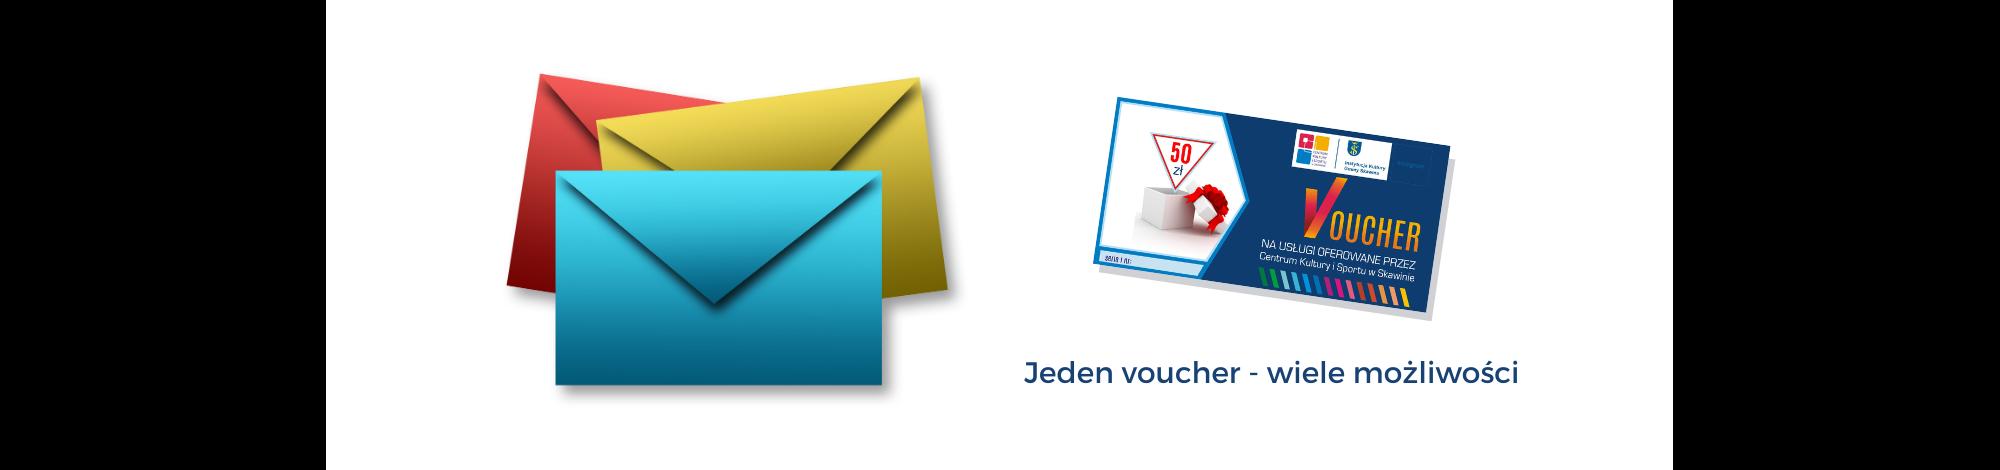 Na białym tle po lewej stronie trzy koperty: czerwona, żółta i niebieska. Po prawej stronie voucher na usługi CKiS. Poniżej granatowy napis: